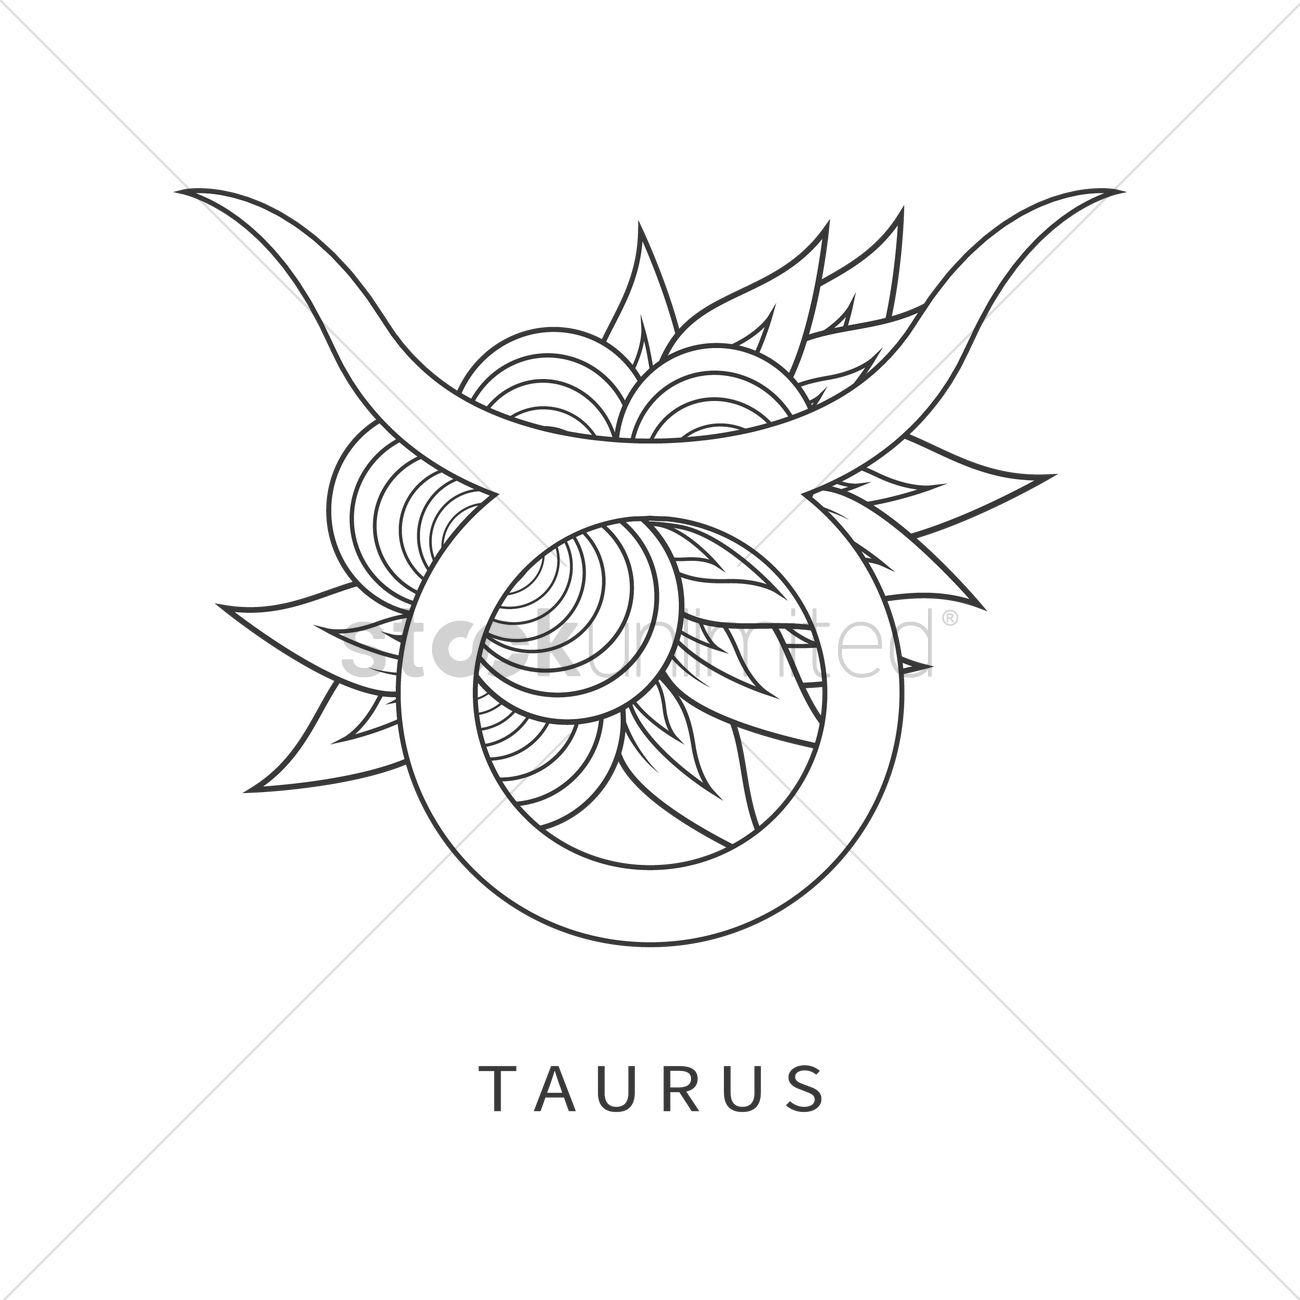 Tauru Schematic